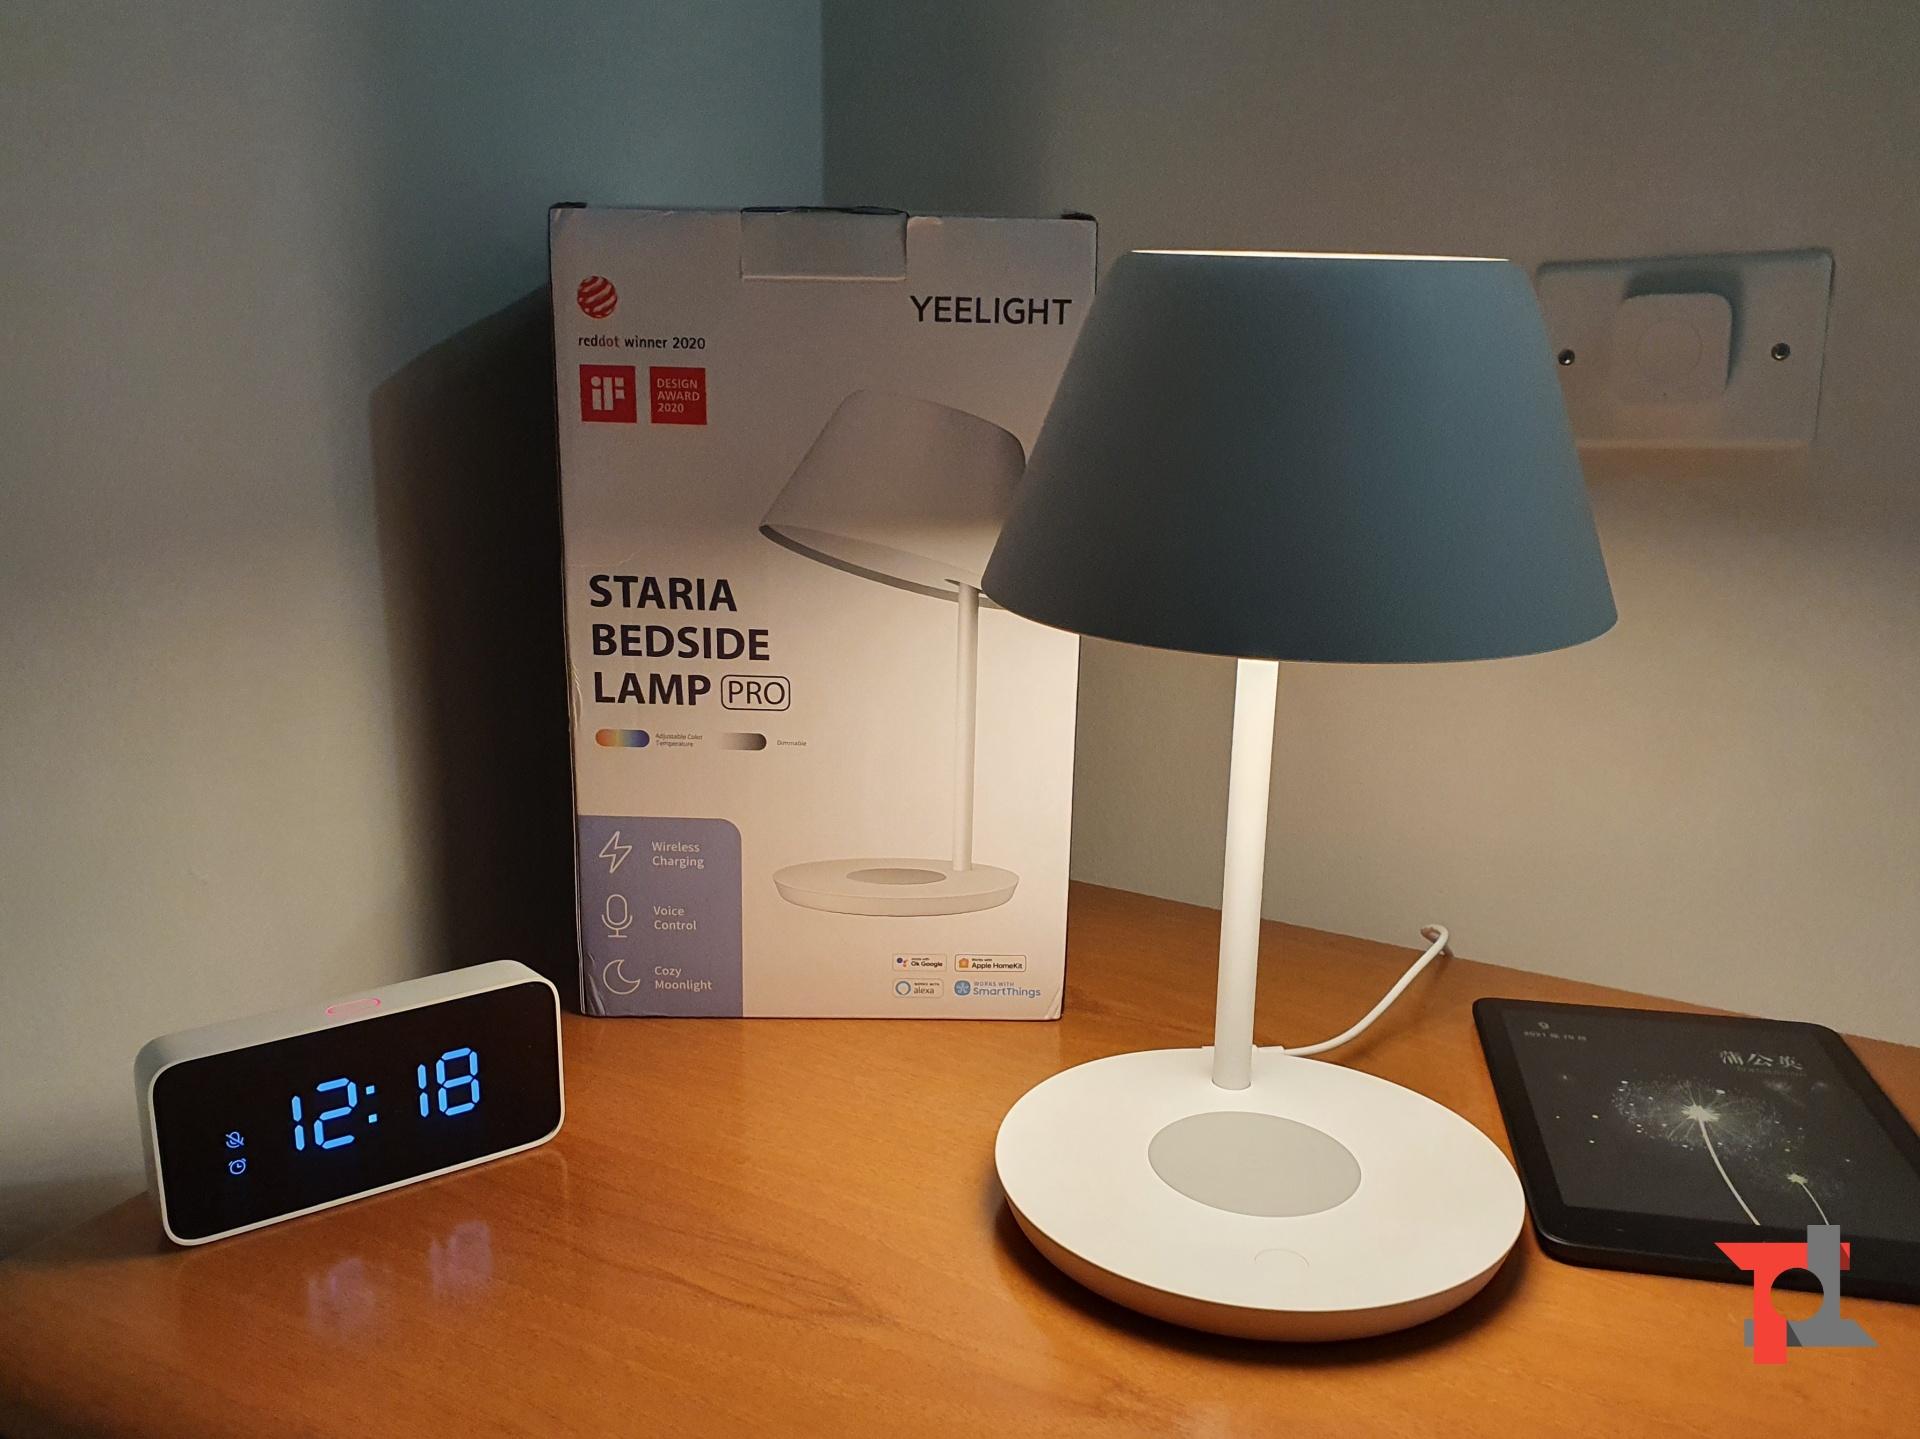 Recensione Yeelight Staria Bedside Lamp Pro, lampada da comodino multifunzione 4